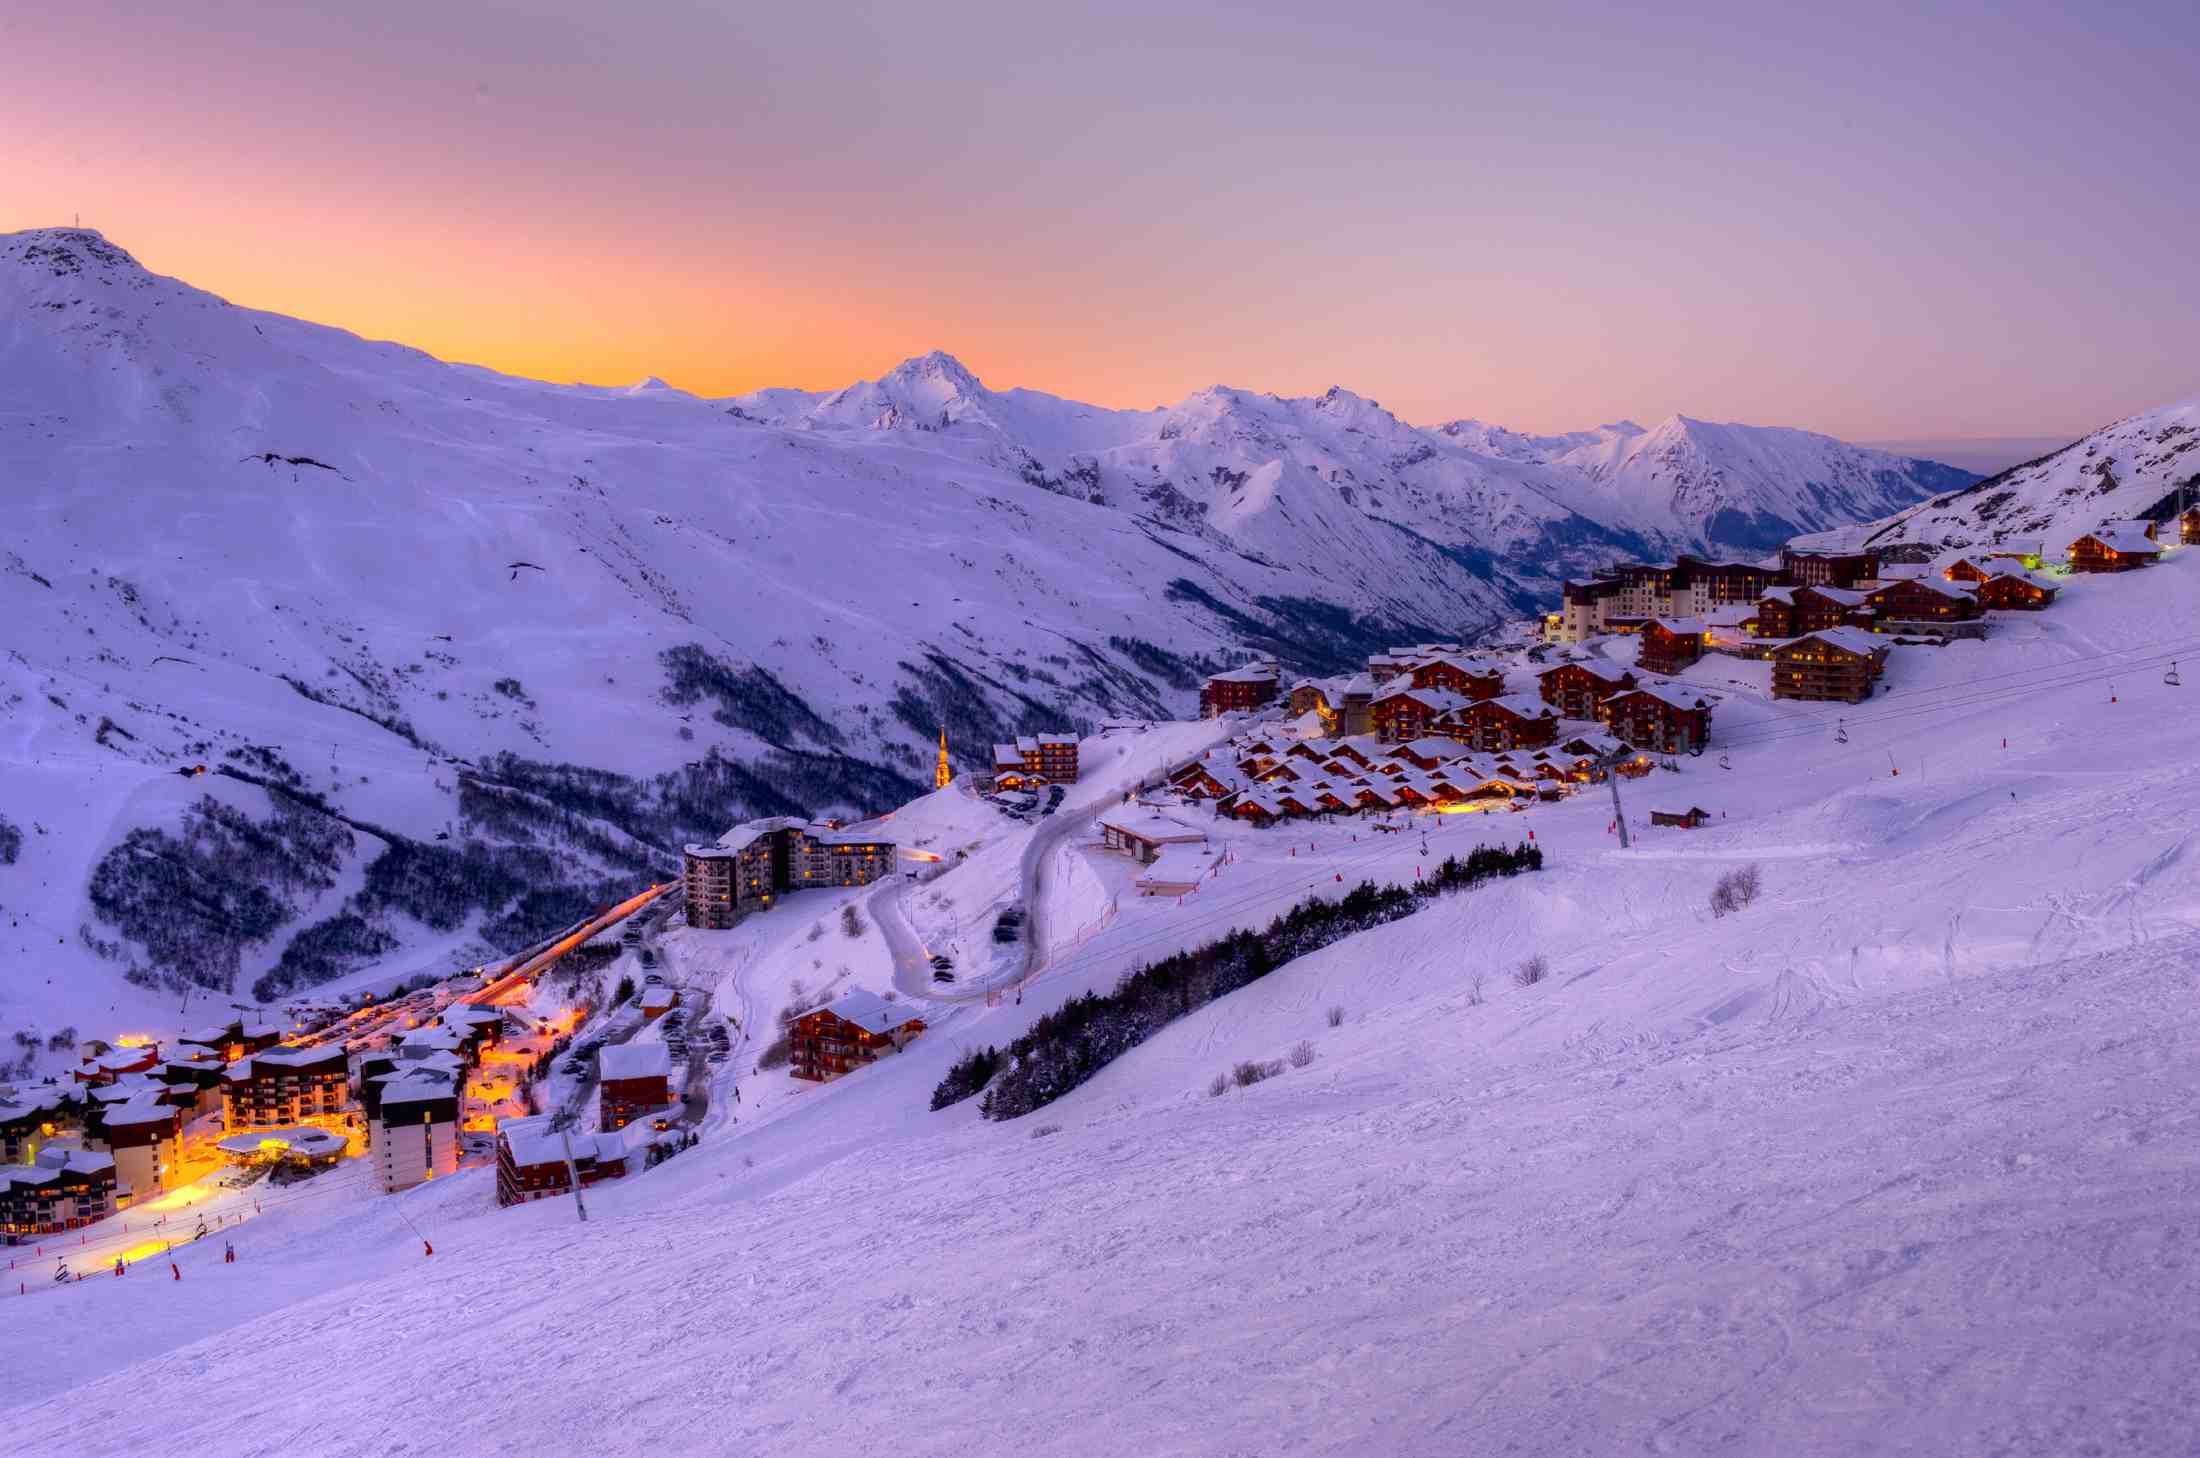 Les Menuires Ski Resort in Les 3 Vallees at Sunset